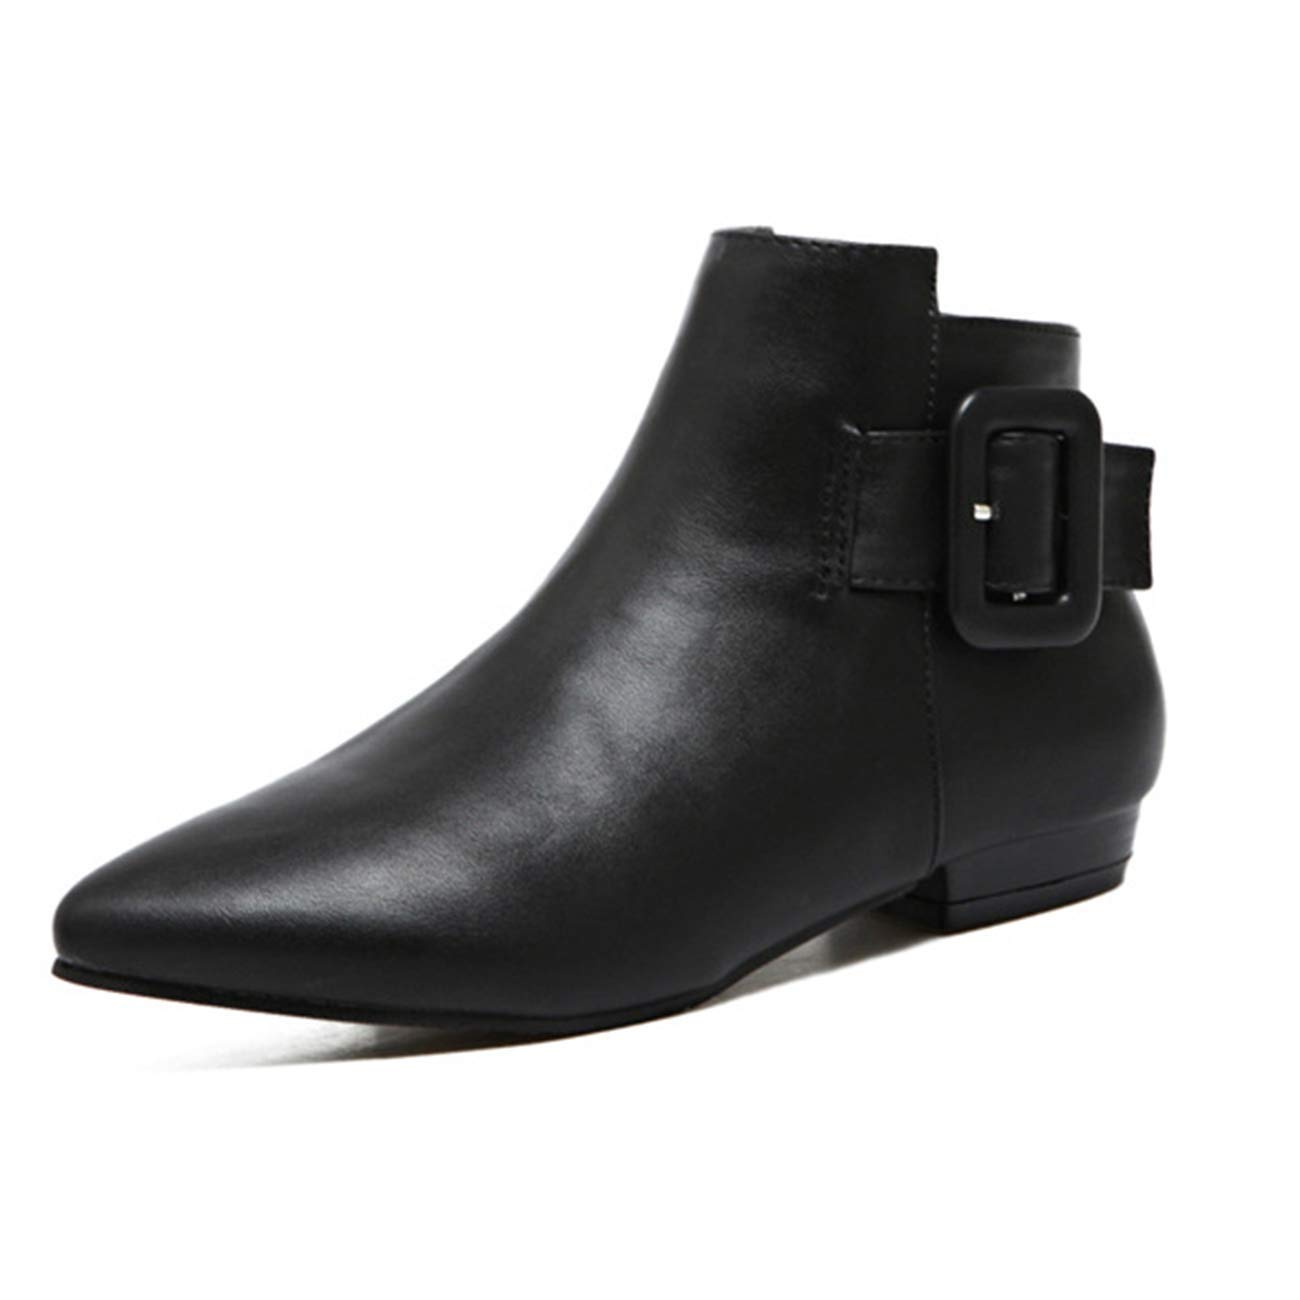 ZHRUI Damen Spitz-Toe Flache Schnalle Zip Ankle Stiefel (Größe     3 UK) 592234